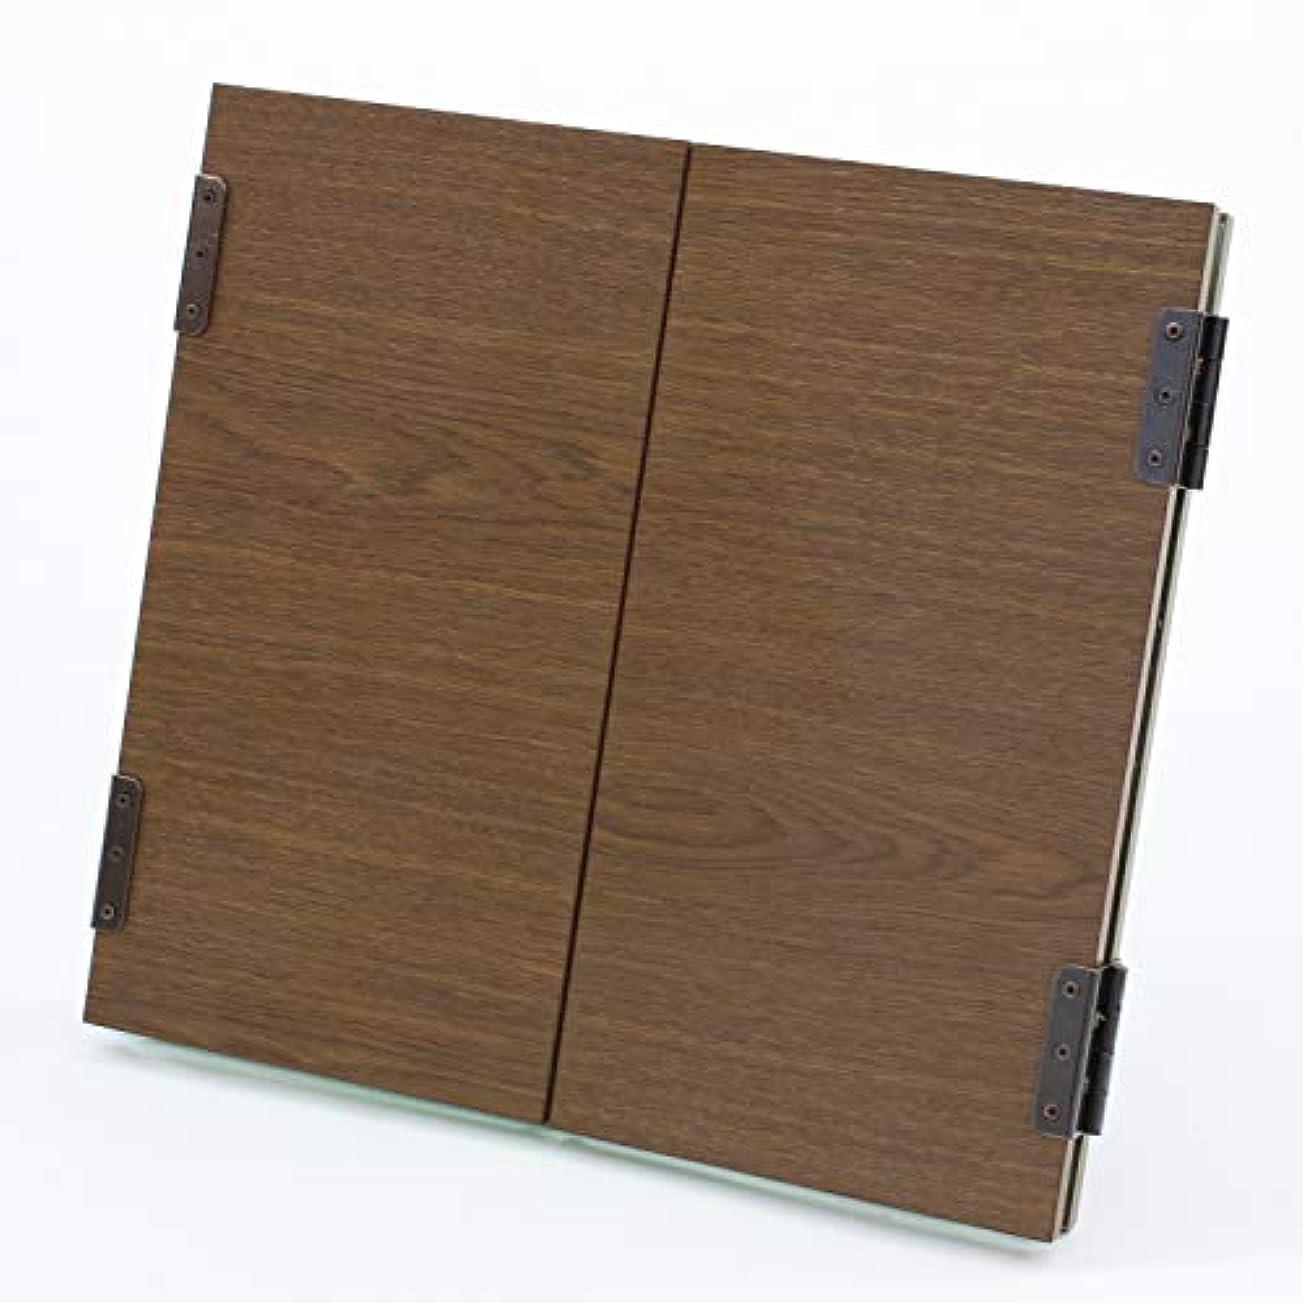 高音偏見防衛三面鏡 卓上 木製(アルト)ダーク色